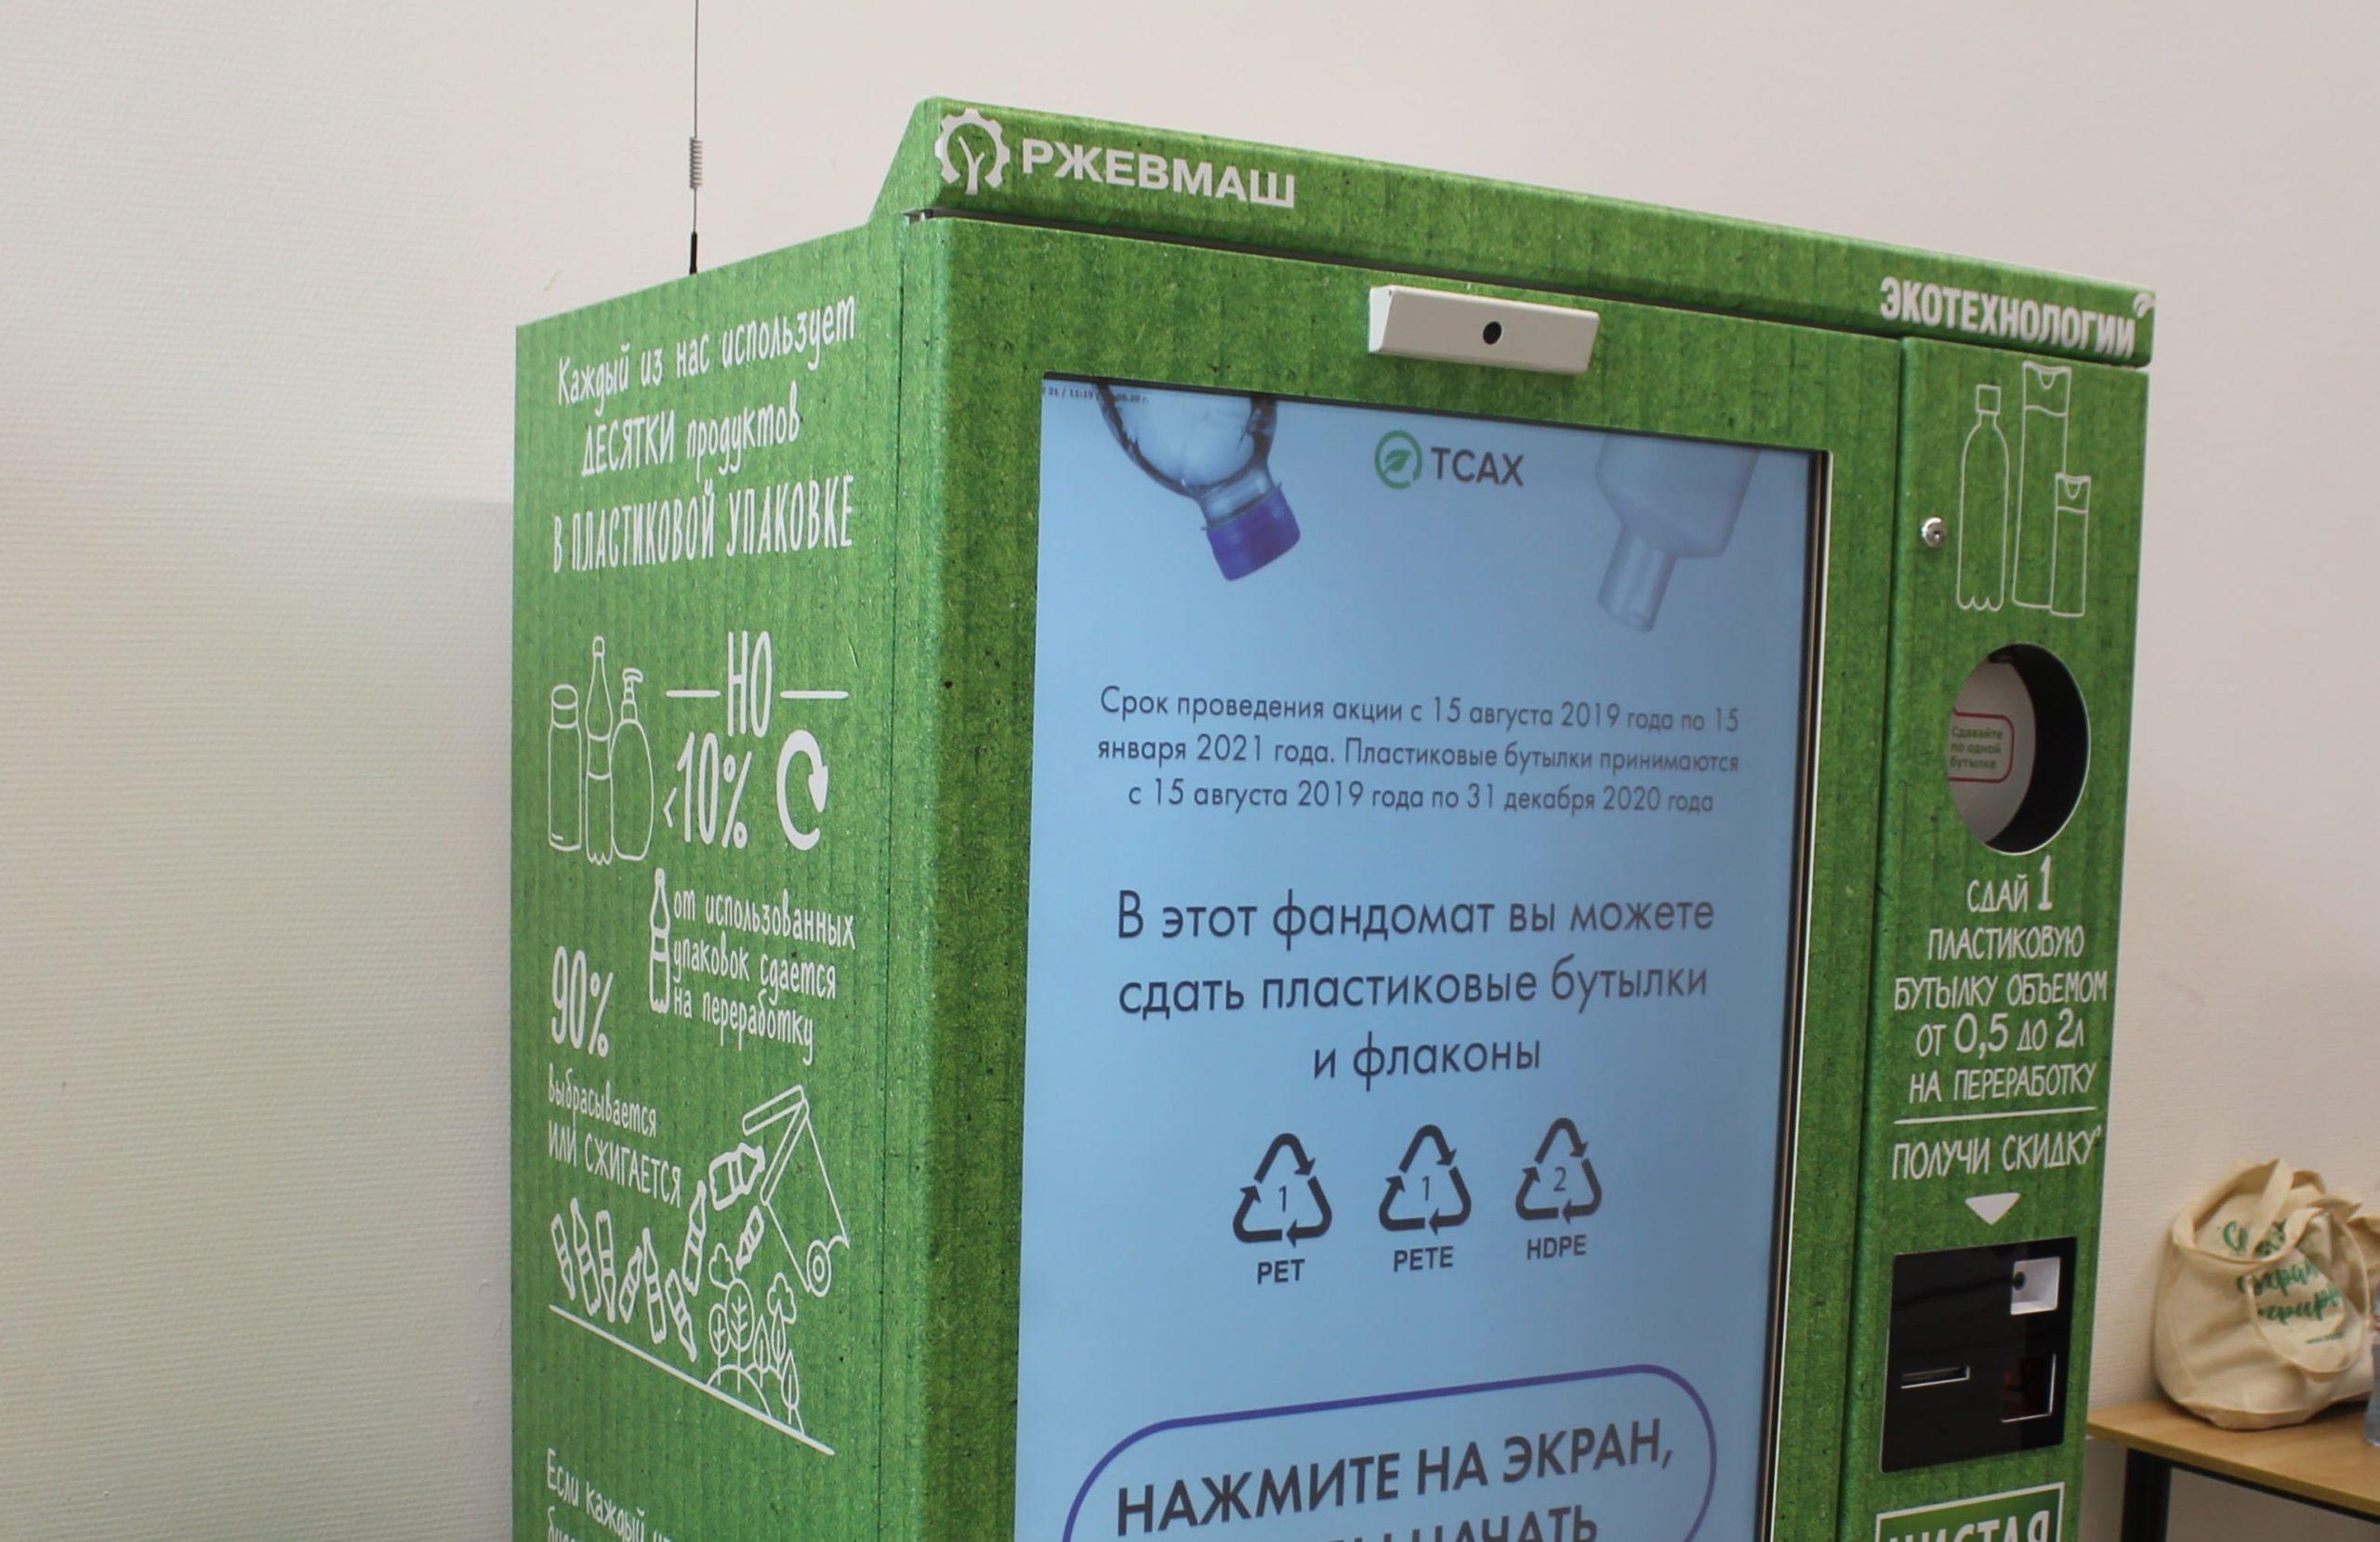 В Твери установлен первый фандомат для приёма пластика на переработку